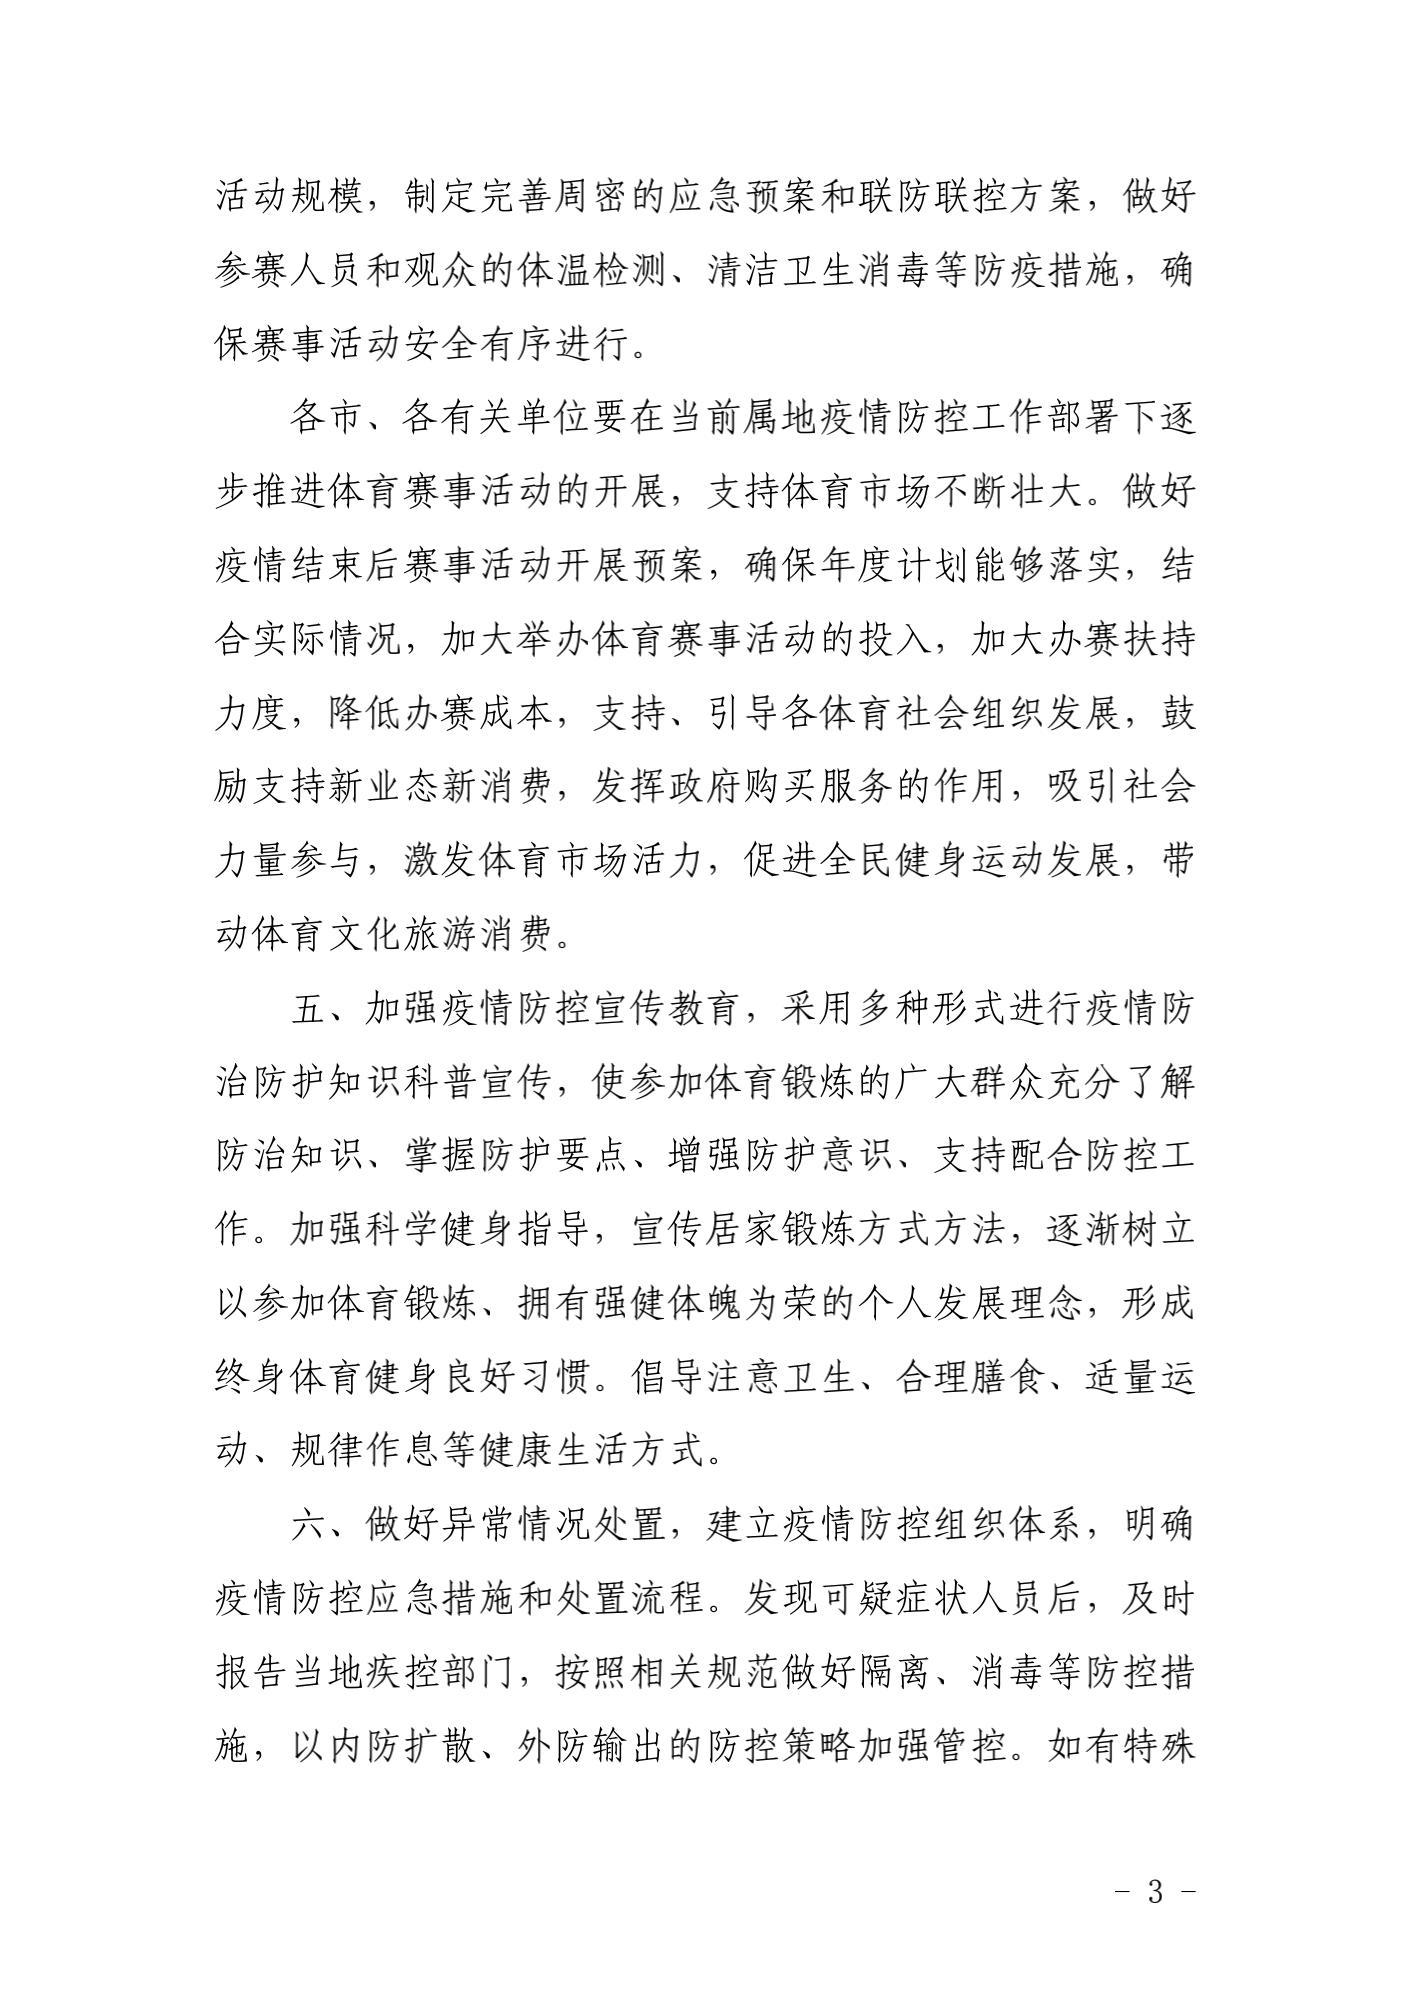 省体育局文件(1)_02.jpg